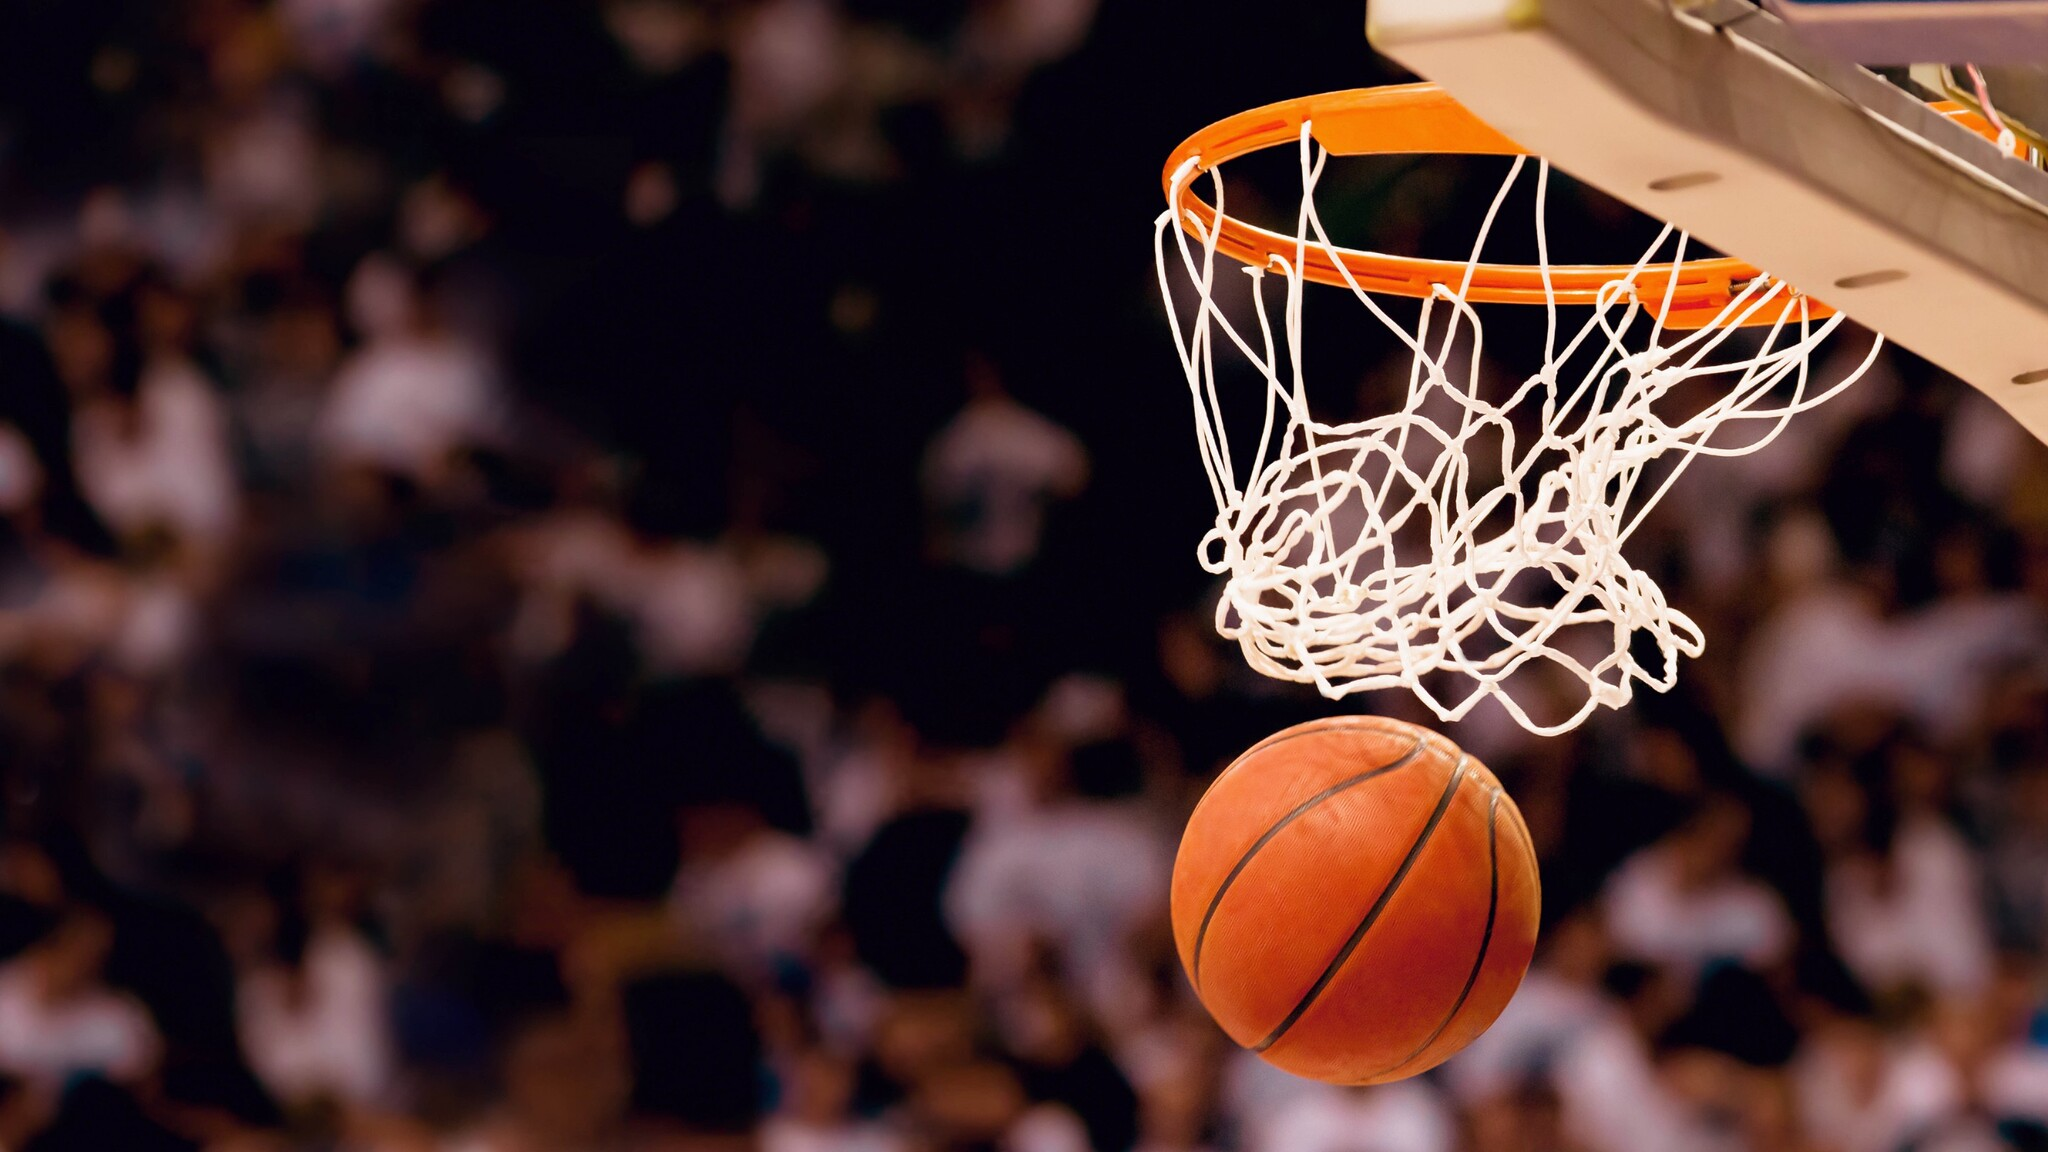 Sport Wallpaper Basketball: 2048x1152 Basketball HD 2048x1152 Resolution HD 4k